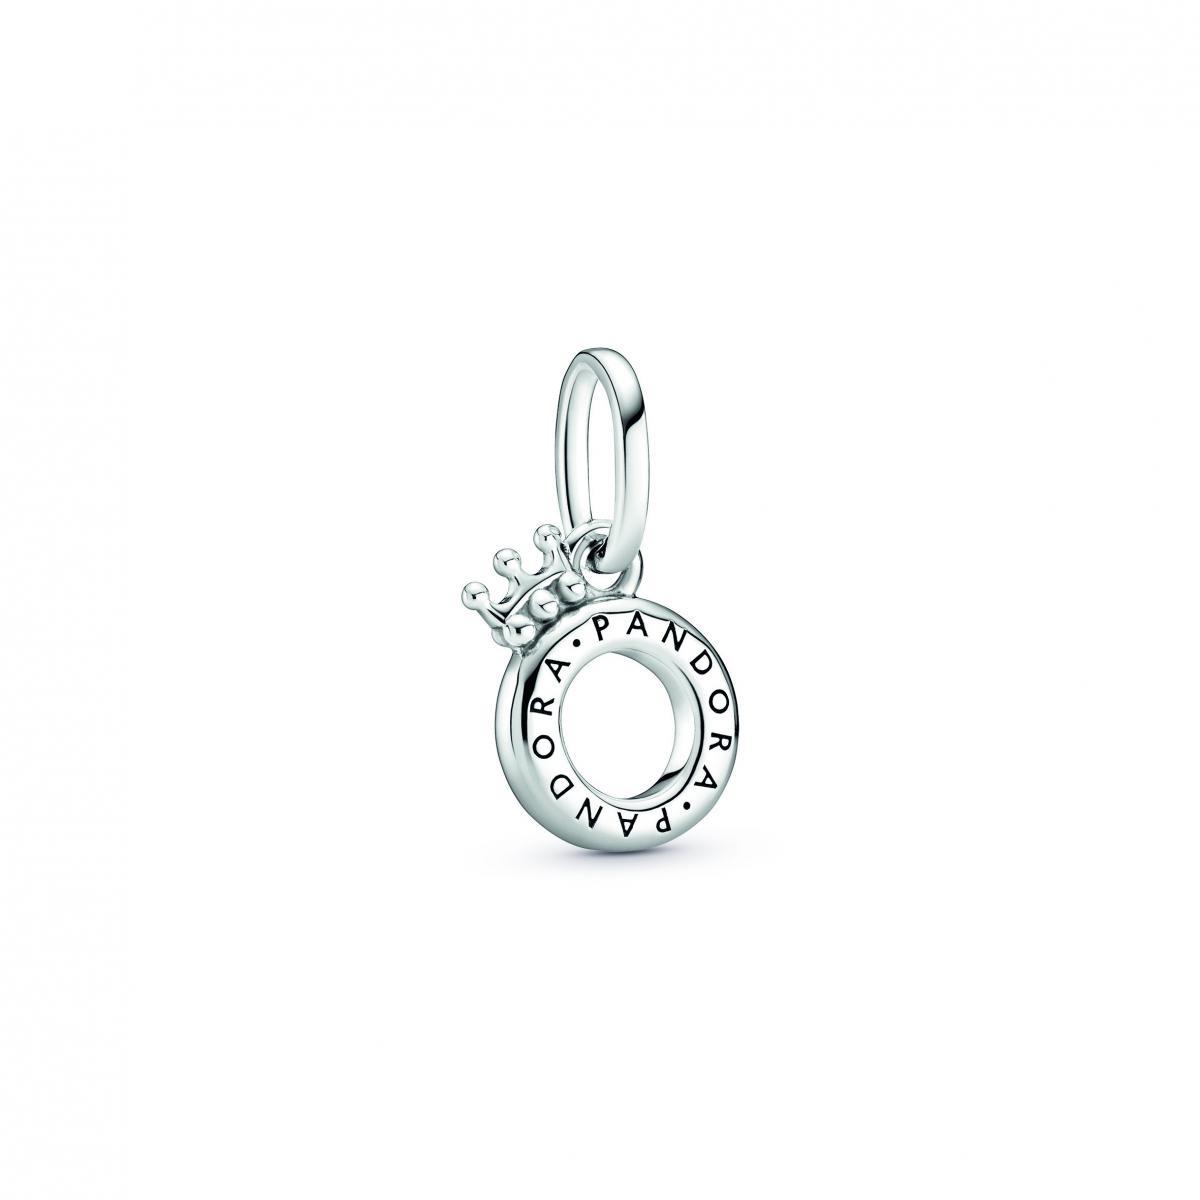 Pendentif O Couronne 399043C00 - Collier Pandora Femme